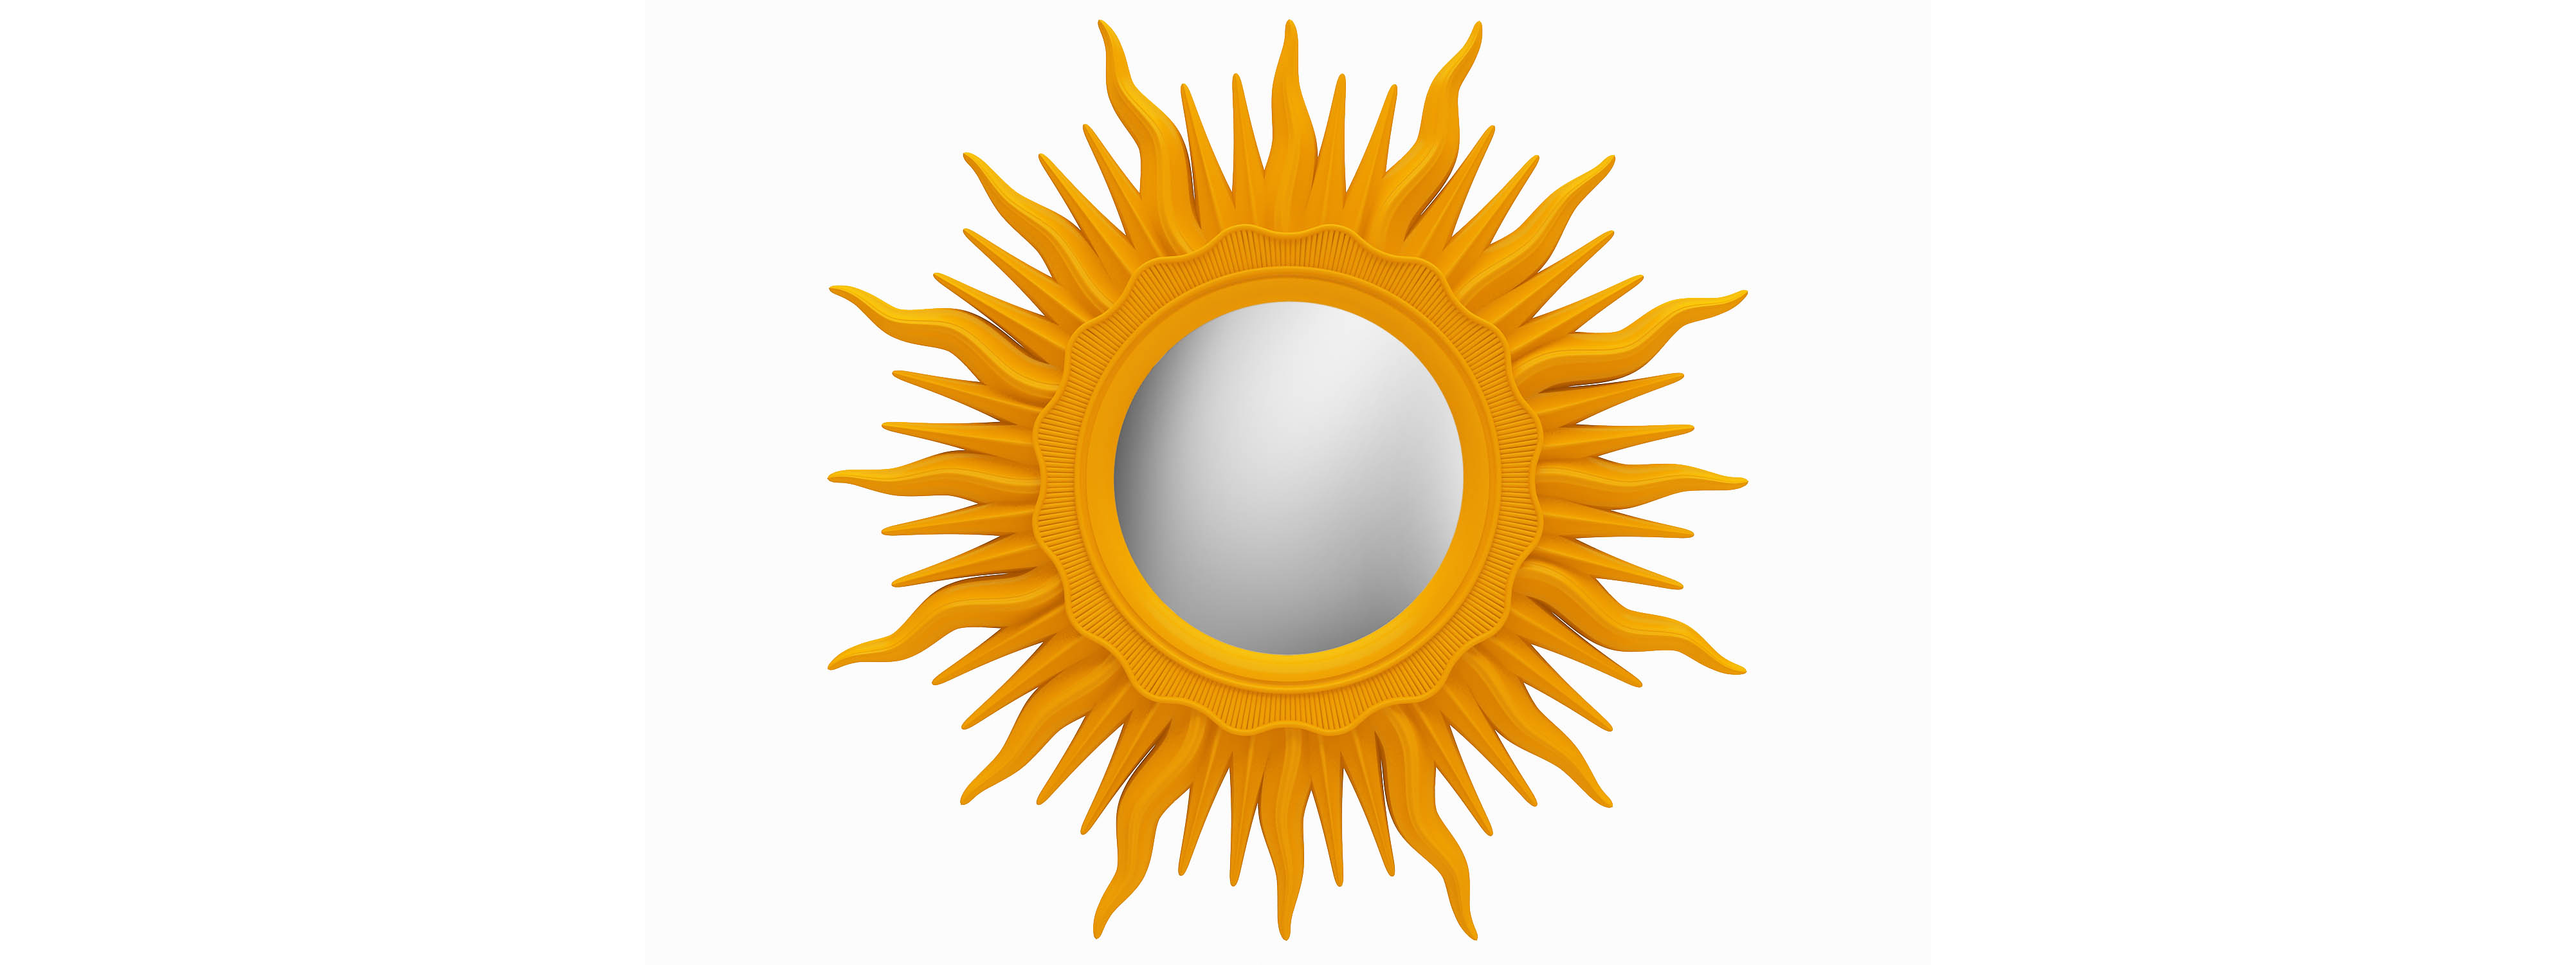 Зеркало АСТРОНастенные зеркала<br>&amp;lt;div&amp;gt;Это зеркало-солнце — яркая и жизнерадостная вещица, которая всегда в центре внимания. Рама в форме лучей сделана из мебельного пенополиуретана, чрезвычайно крепкого и долговечного, и окрашена в апельсиново-оранжевый цвет. Материал и используемые красители не содержат токсичных веществ. ППУ не боится воды и пара, поэтому зеркало можно повесить в помещении с повышенной влажностью.&amp;lt;/div&amp;gt;&amp;amp;nbsp;&amp;lt;div&amp;gt;&amp;lt;span style=&amp;quot;line-height: 37.5374px;&amp;quot;&amp;gt;Цвет:&amp;amp;nbsp;Оранжевый&amp;lt;/span&amp;gt;&amp;lt;/div&amp;gt;<br><br>Material: Полиуретан<br>Width см: None<br>Depth см: 4<br>Diameter см: 96